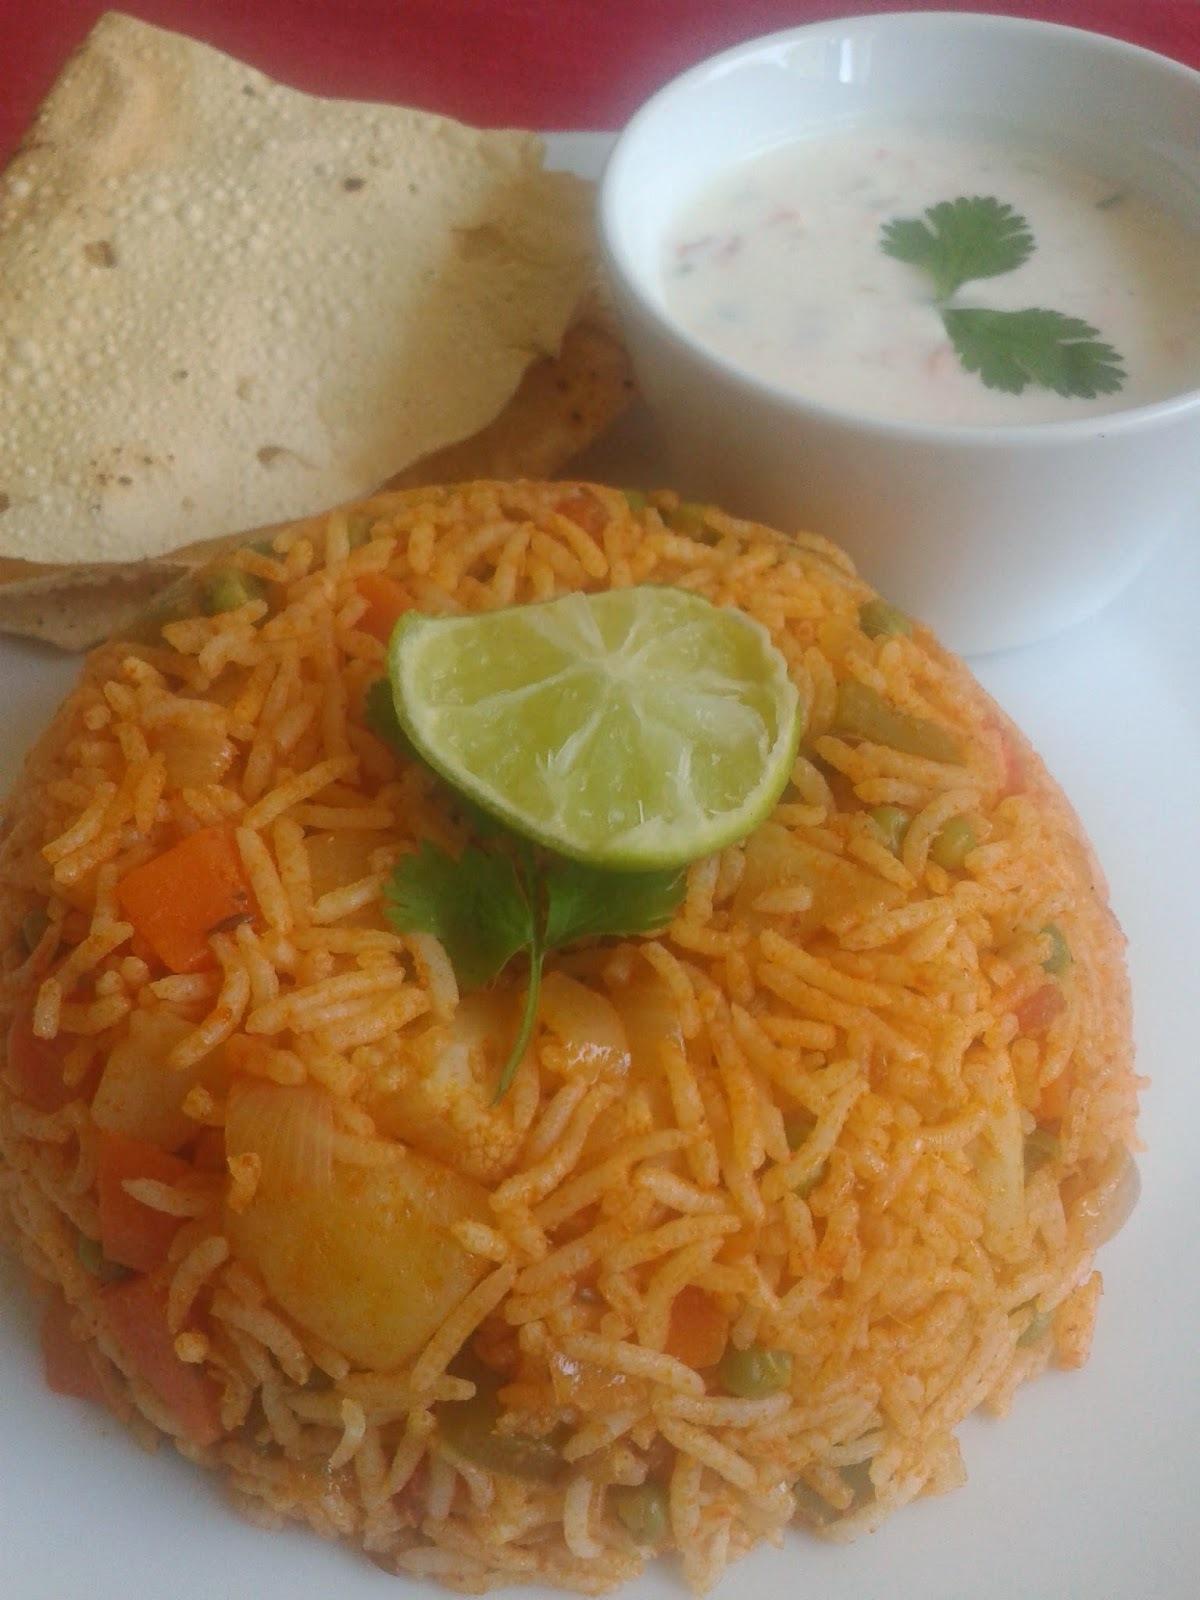 Recipe of Tava Pulav | How to Make Tawa Pulao